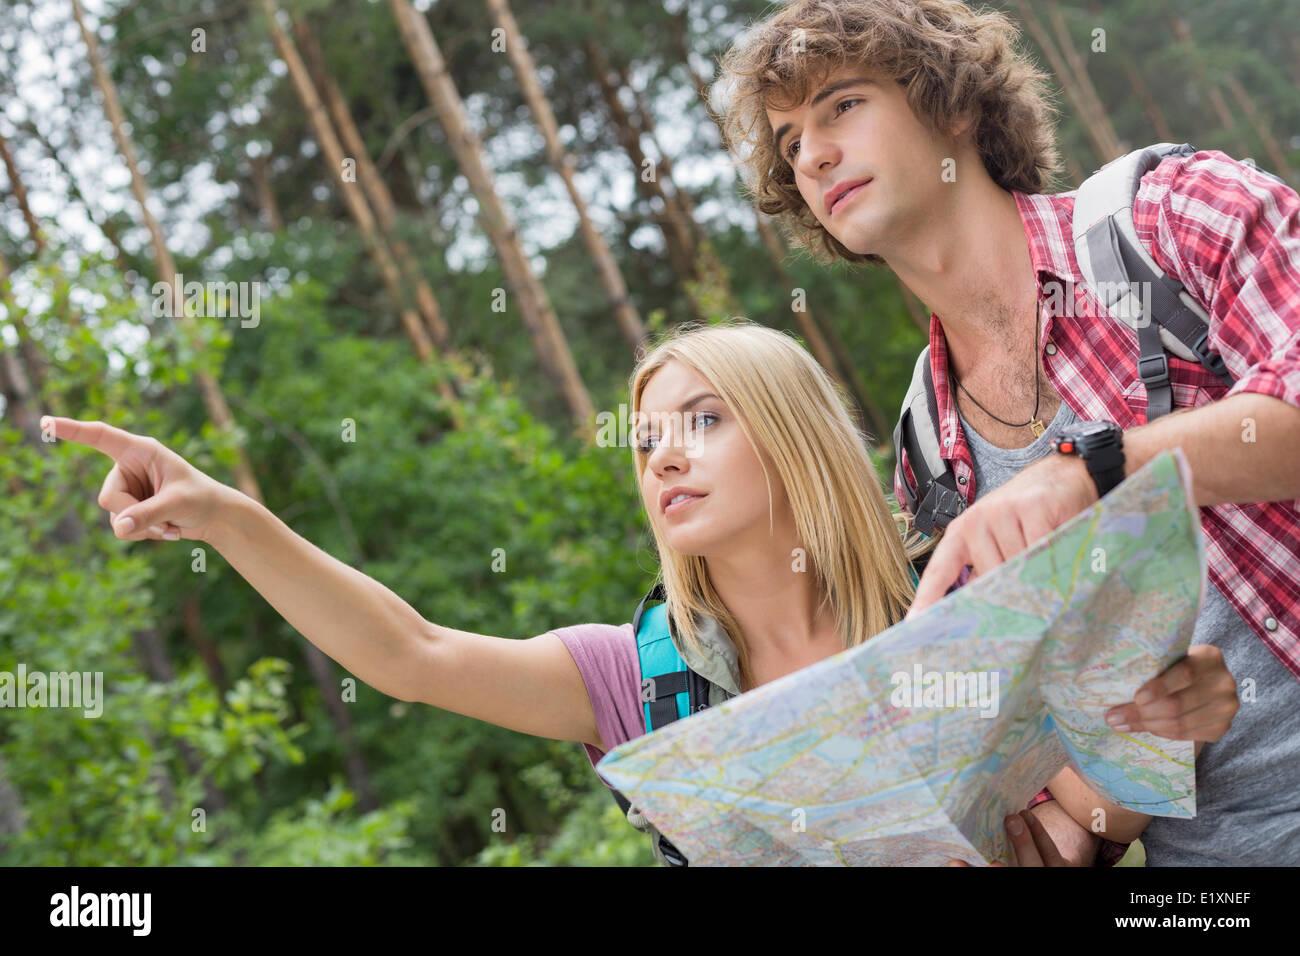 Paar mit Karte diskutieren über Richtung im Wald wandern Stockbild